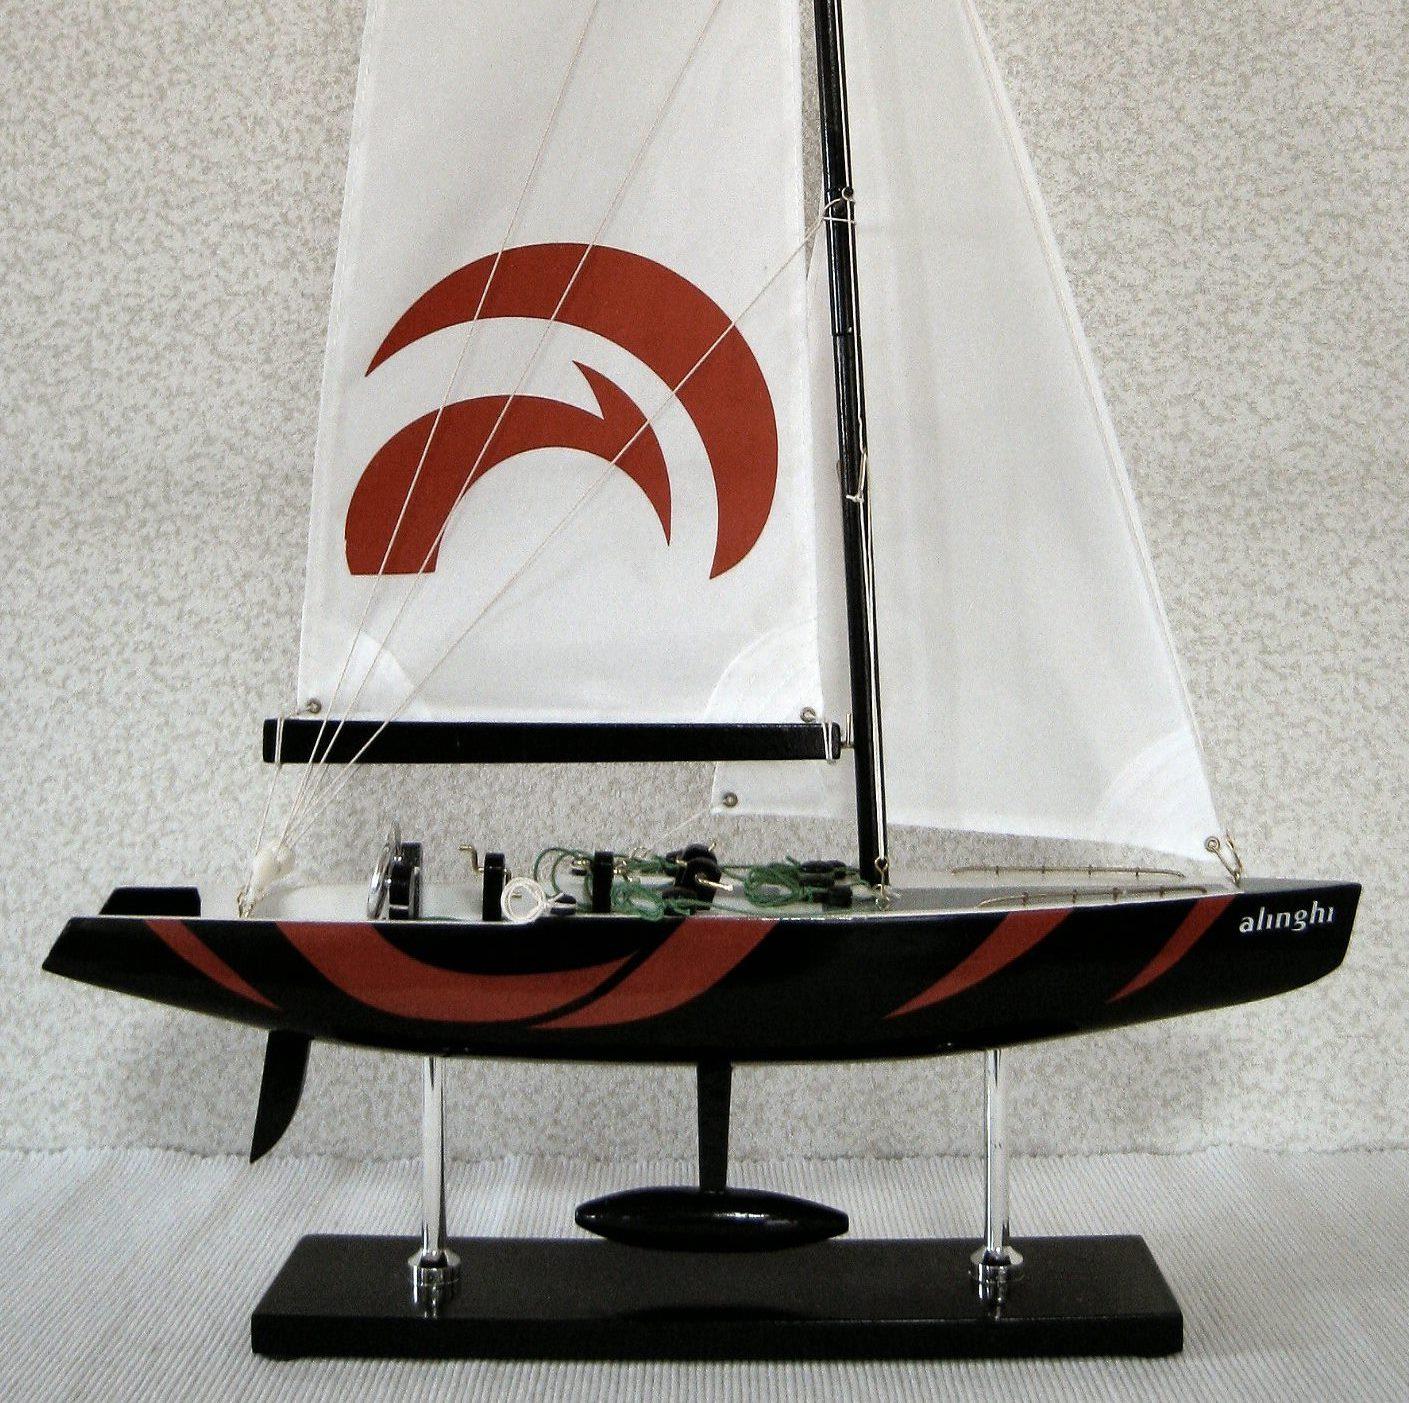 ヨット模型 SUI_64 スイス アリンギ